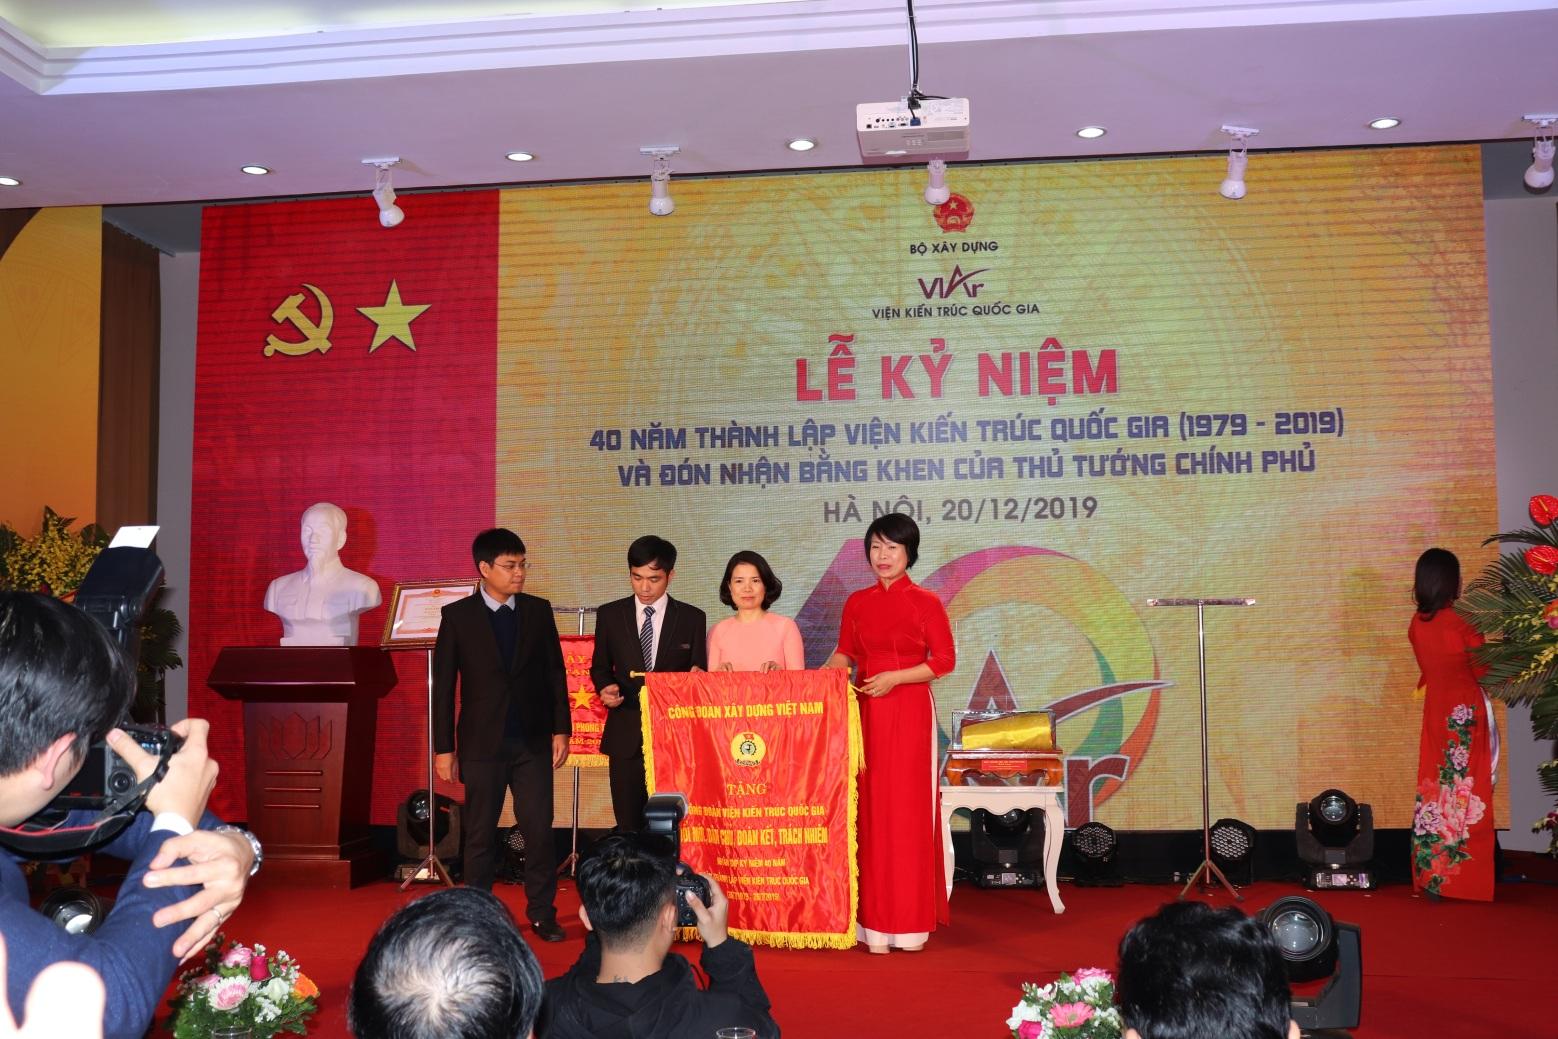 Công đoàn Xây dựng Việt Nam tặng cờ thi đua cho Viện Kiến trúc Quốc gia